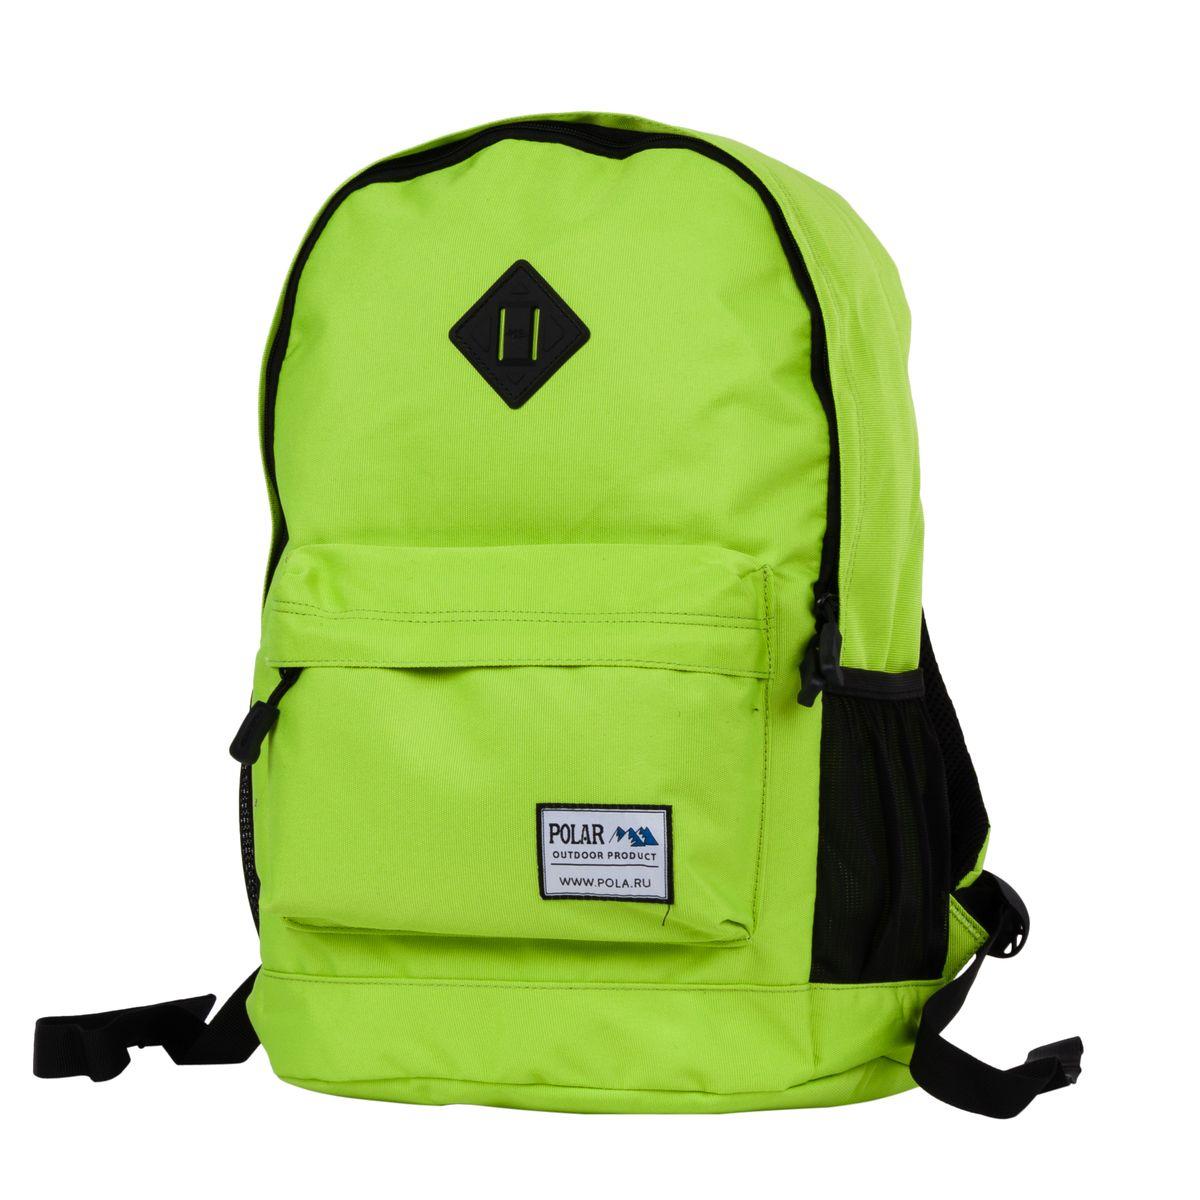 Рюкзак городской Polar, цвет: светло-зеленый, 22,5 л. 15008 рюкзак городской polar цвет фиолетово синий 22 5 л 15008